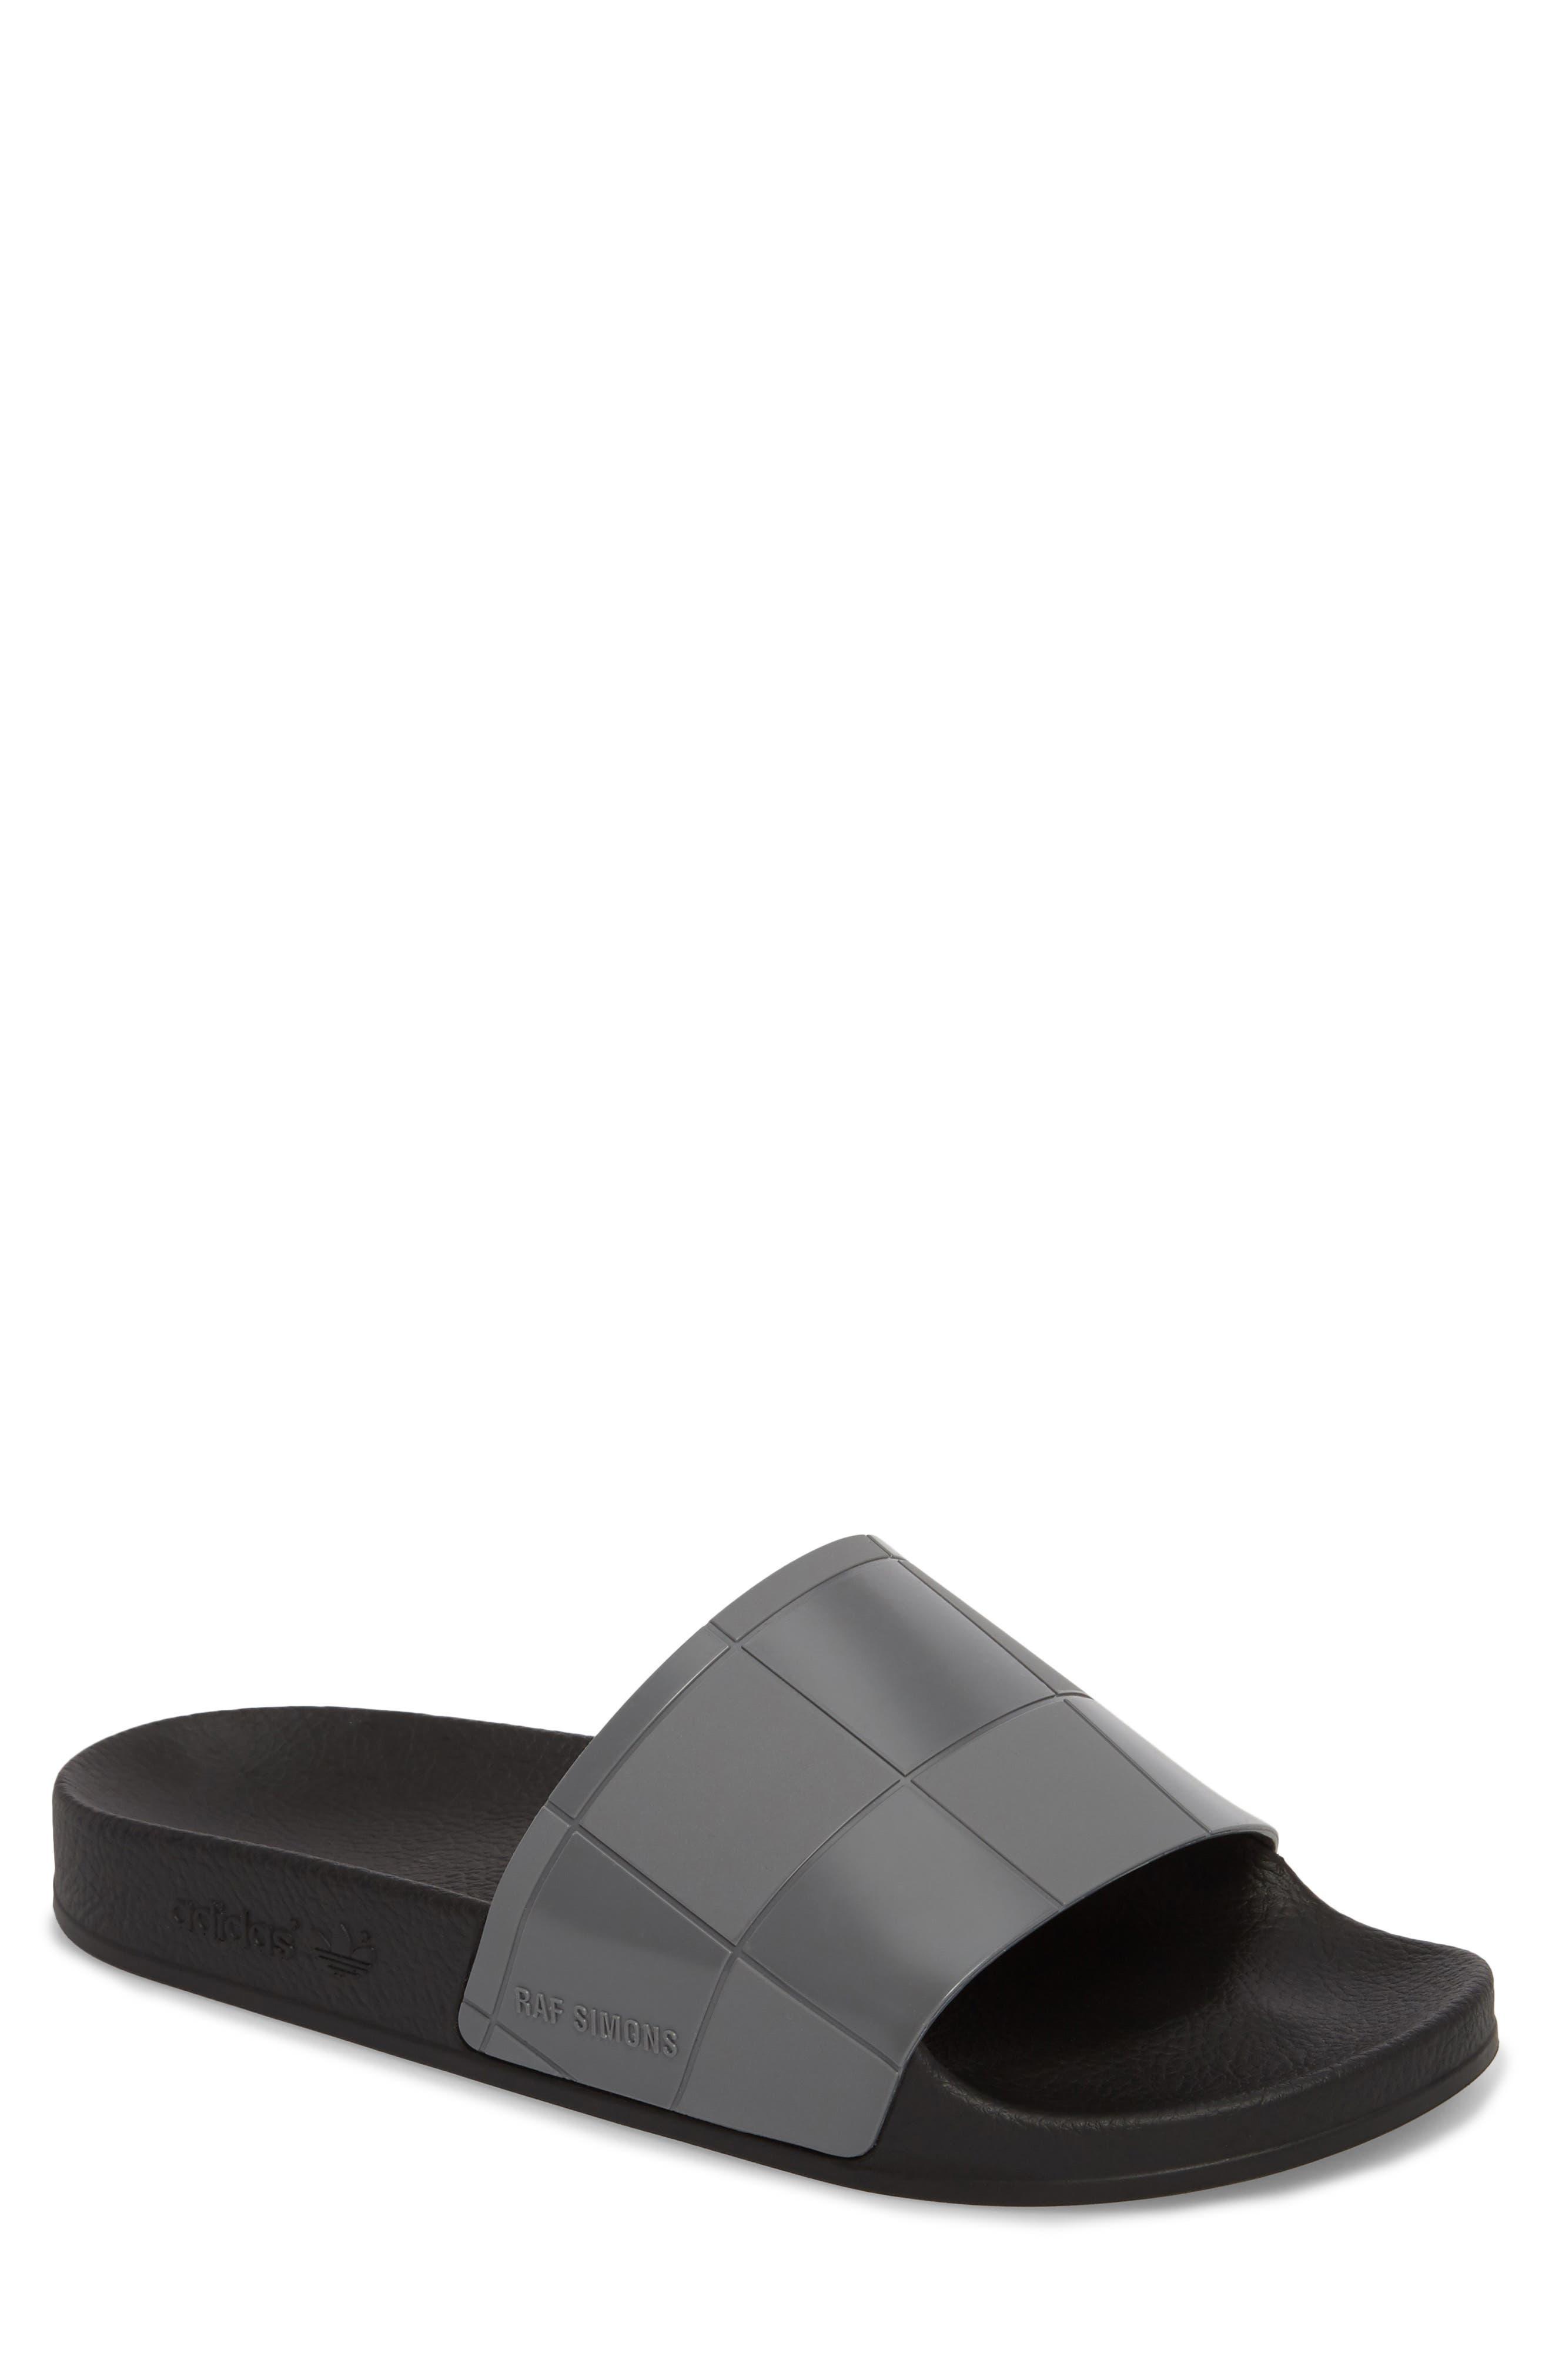 Adilette Checkerboard Sport Slide,                         Main,                         color, Core Black/ Granite